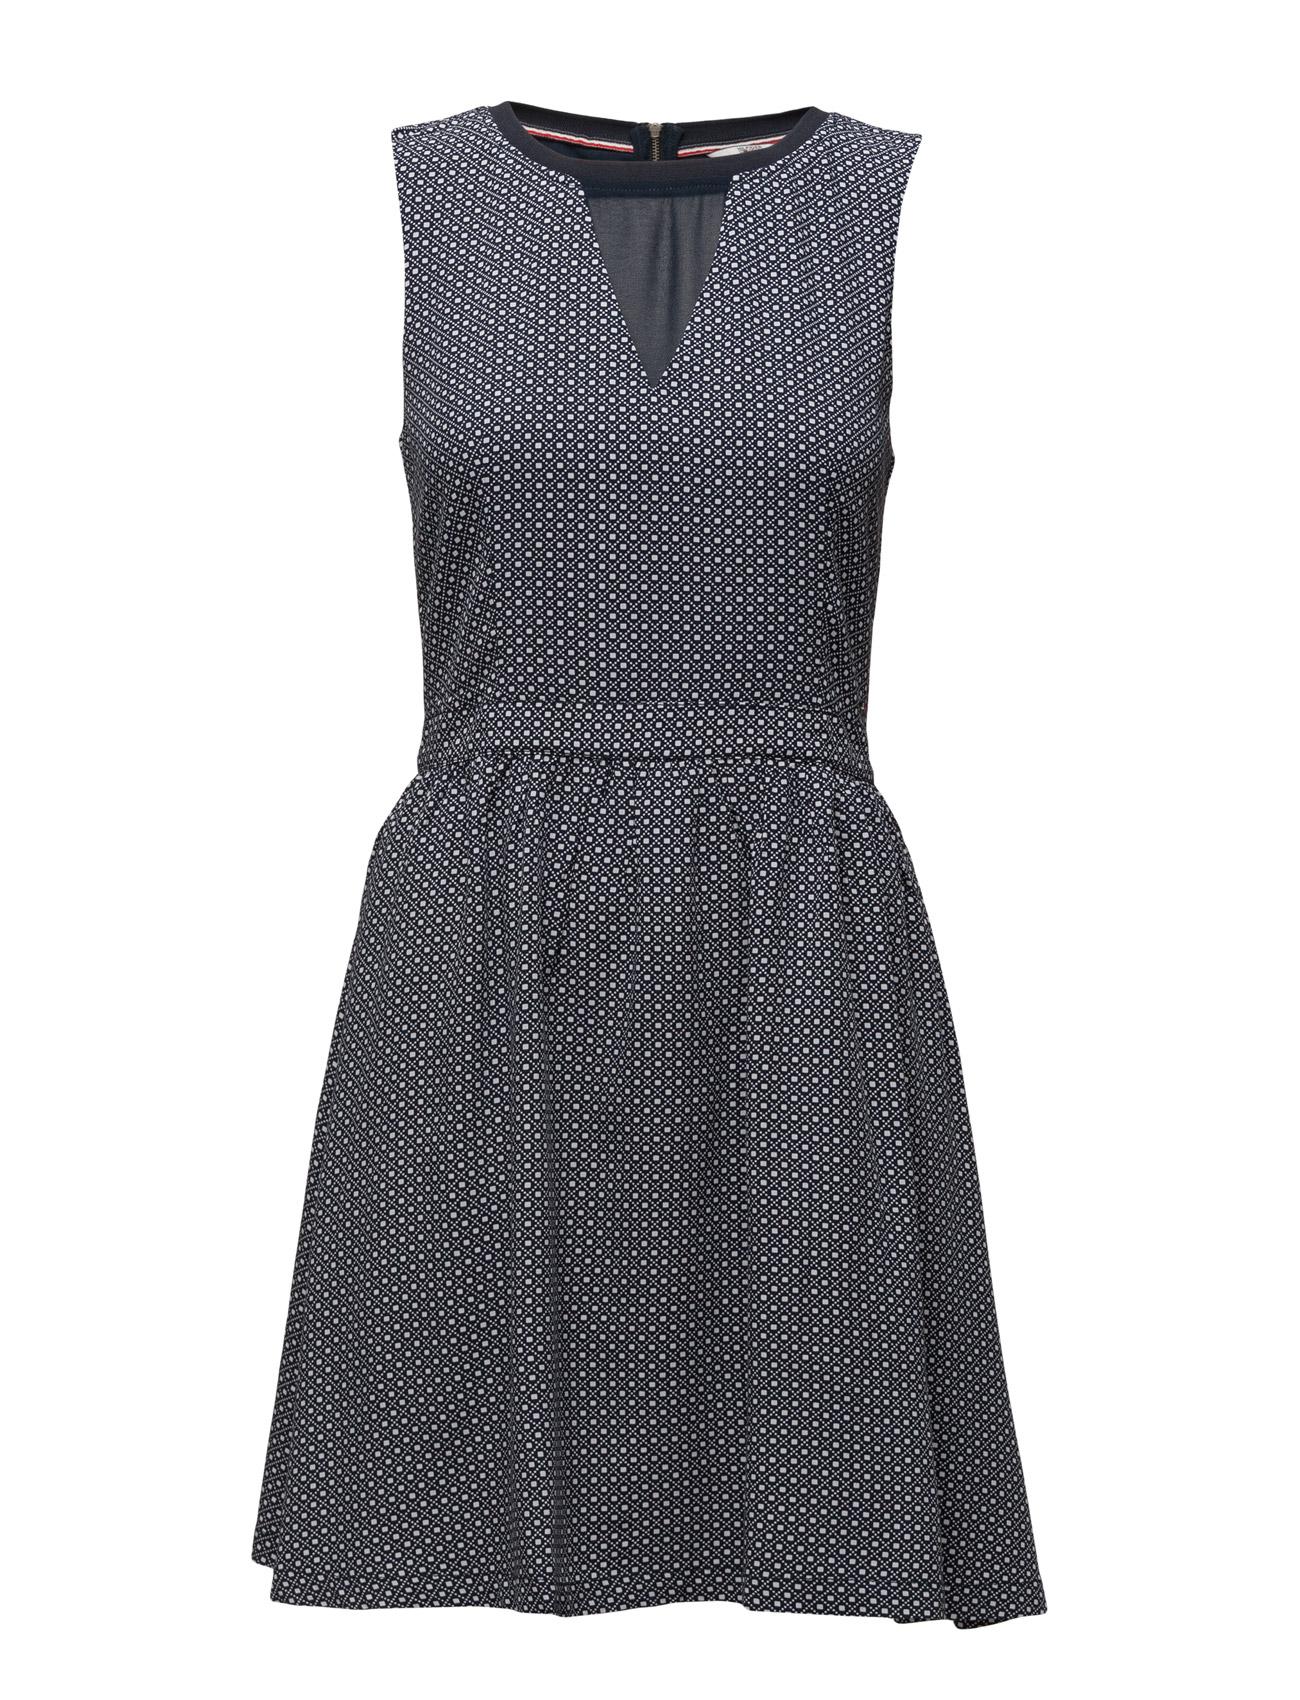 Thdw Print Dress S/L 25 Hilfiger Denim Korte kjoler til Damer i Blå